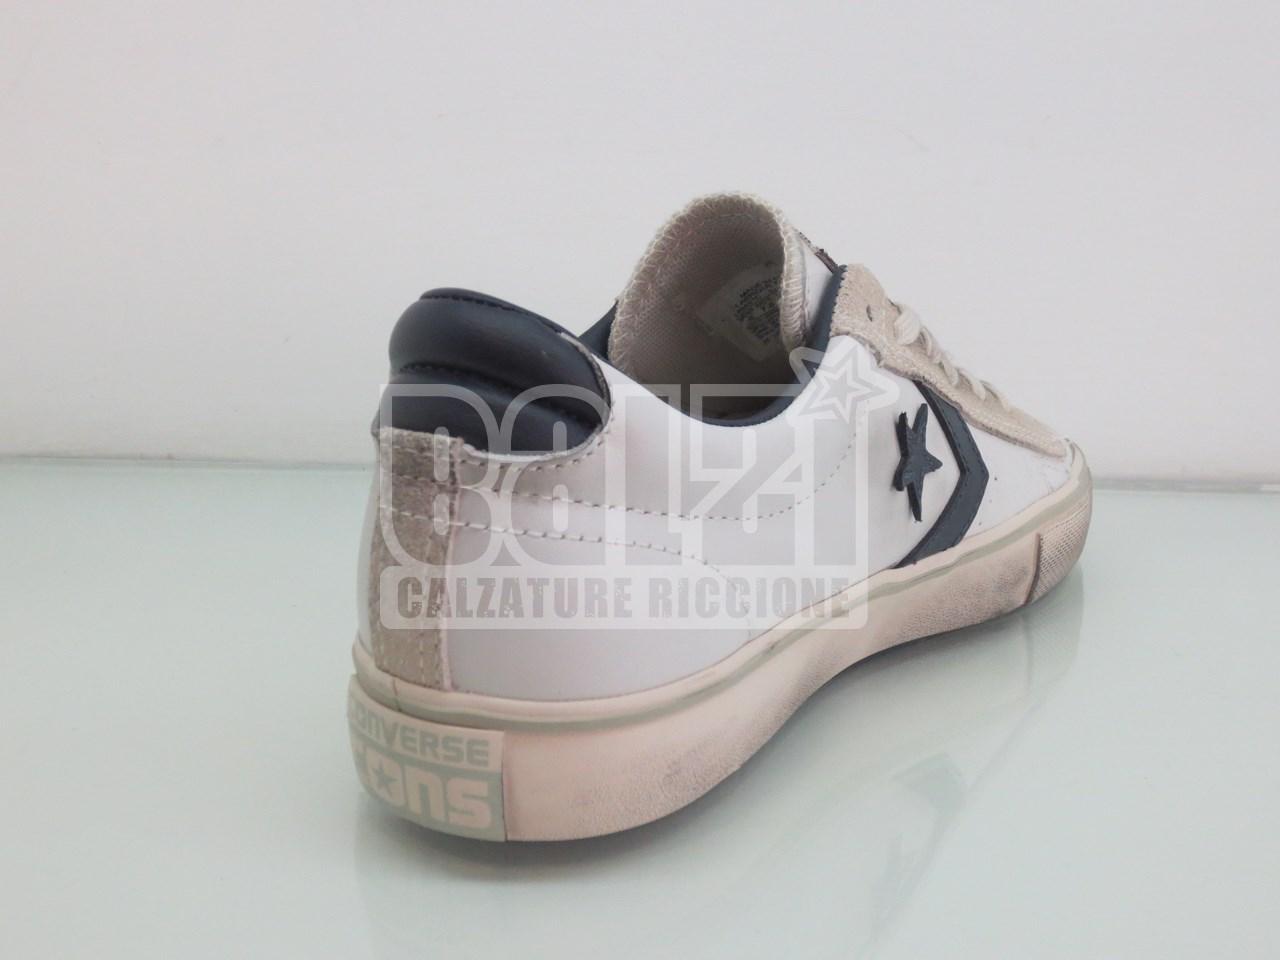 f10f642ef405 Leather Bianco Converse Online Calzature Balzi Vendita Blu Pro qwafndIt